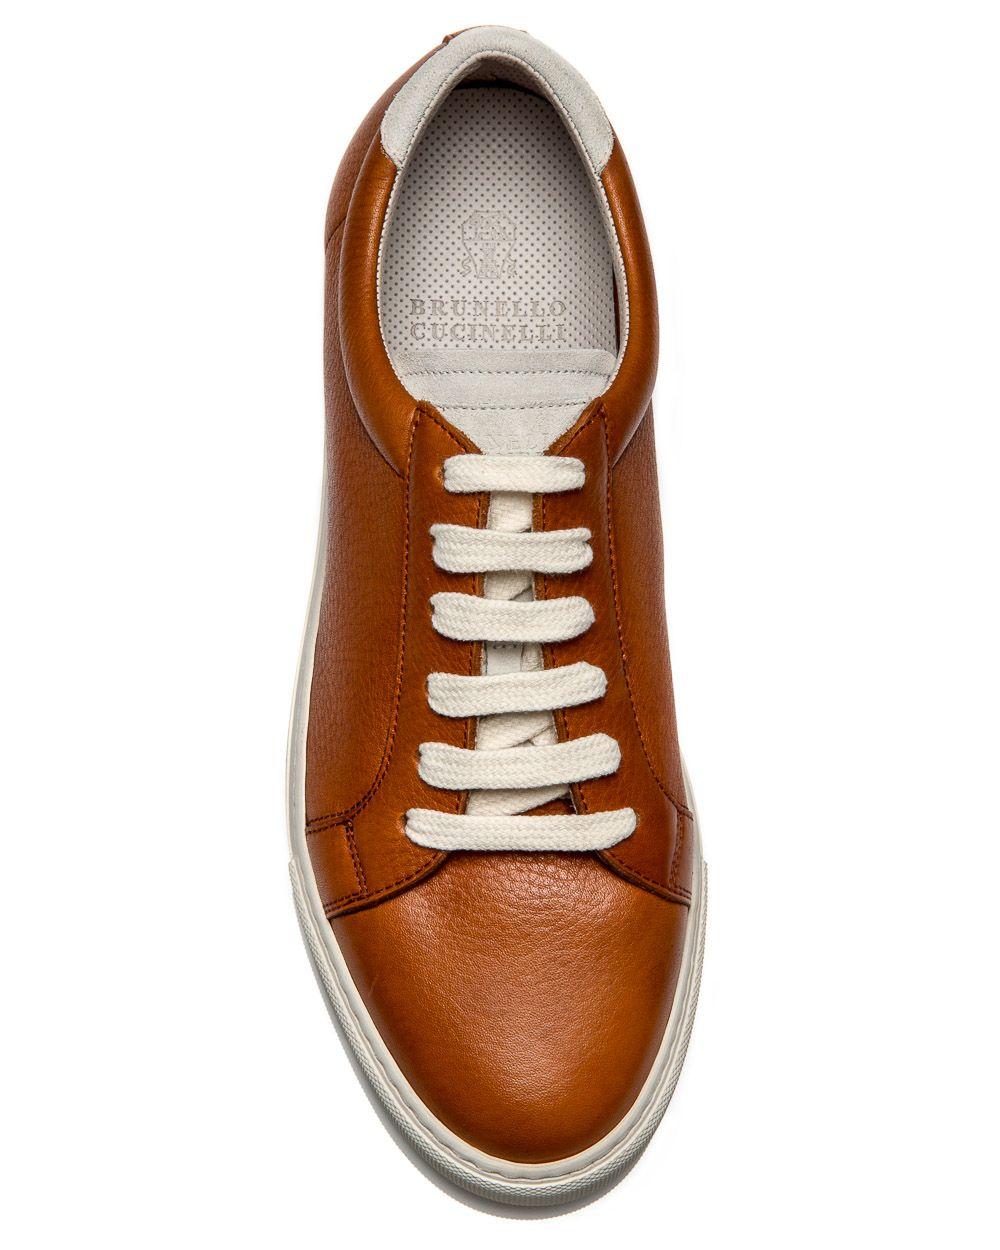 Brunello Cucinelli Cognac Leather